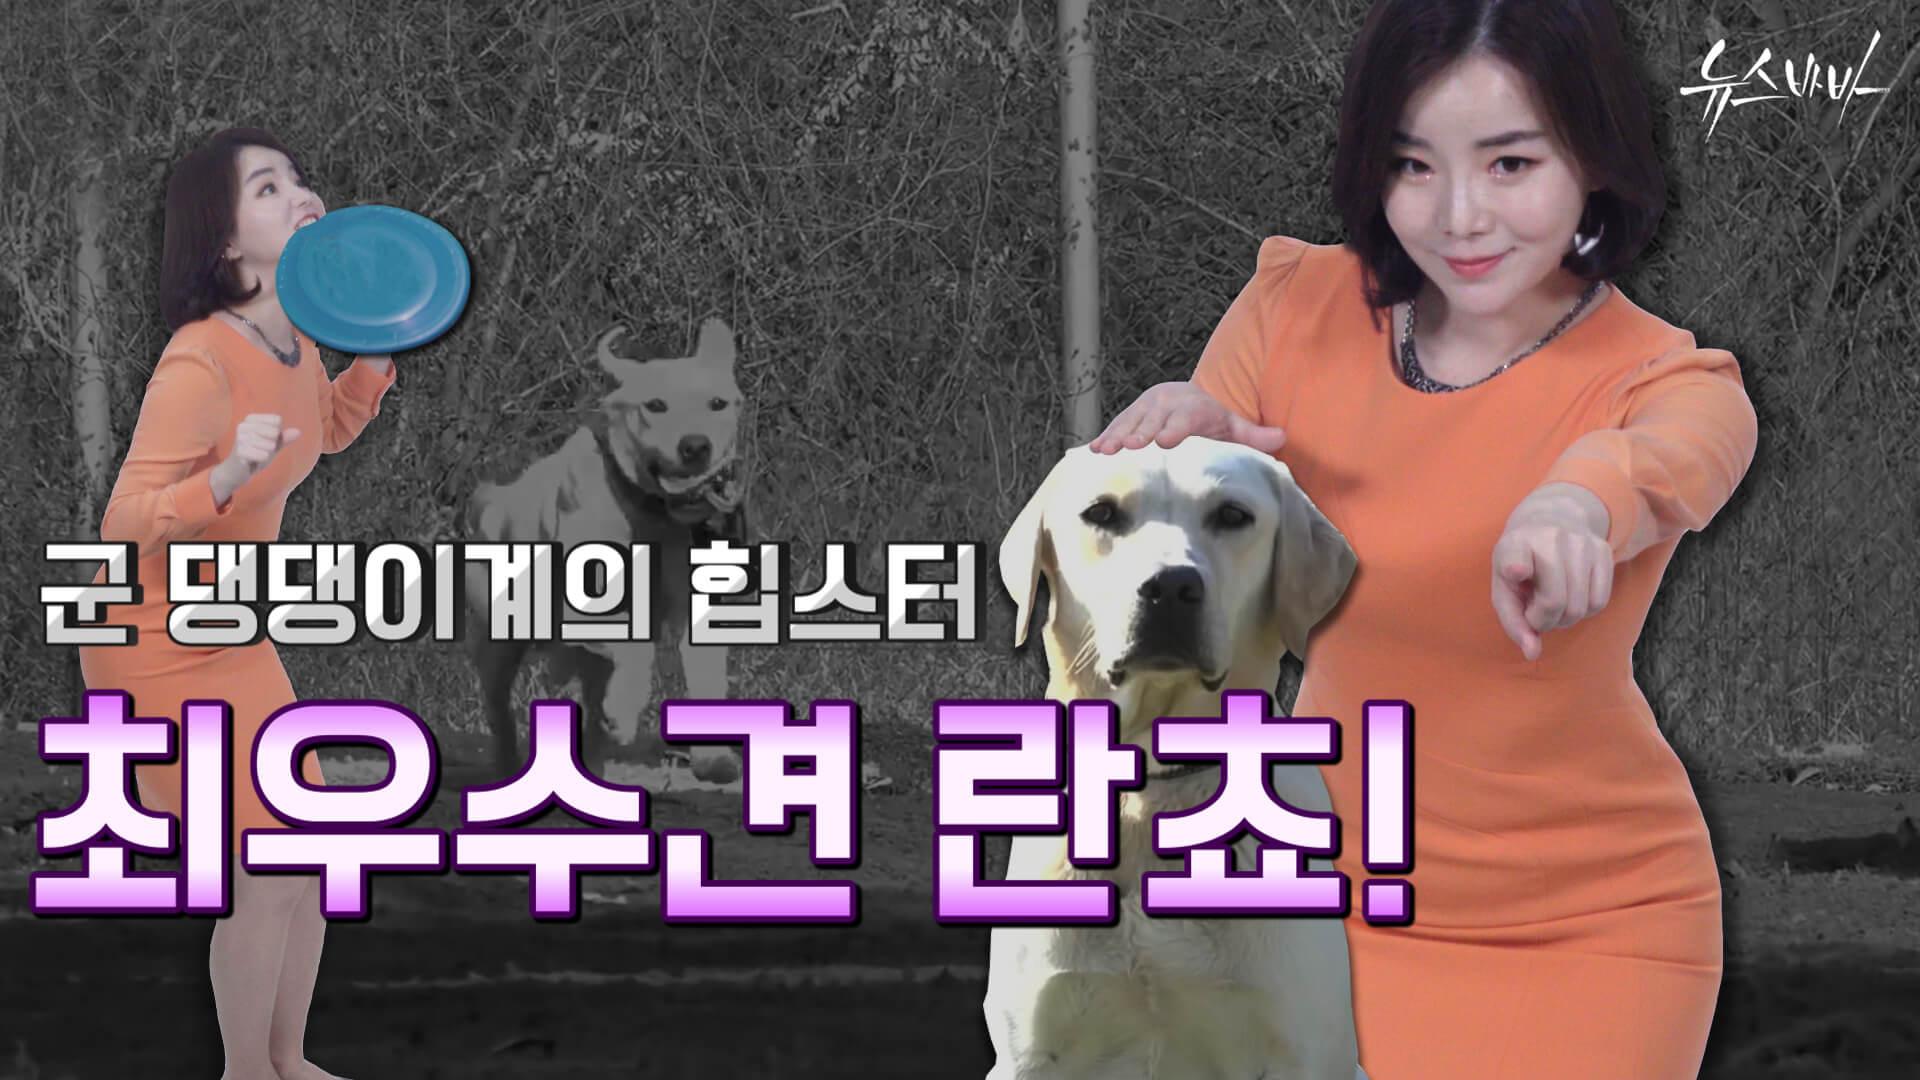 [뉴스바바] 군 댕댕이계의 힙스